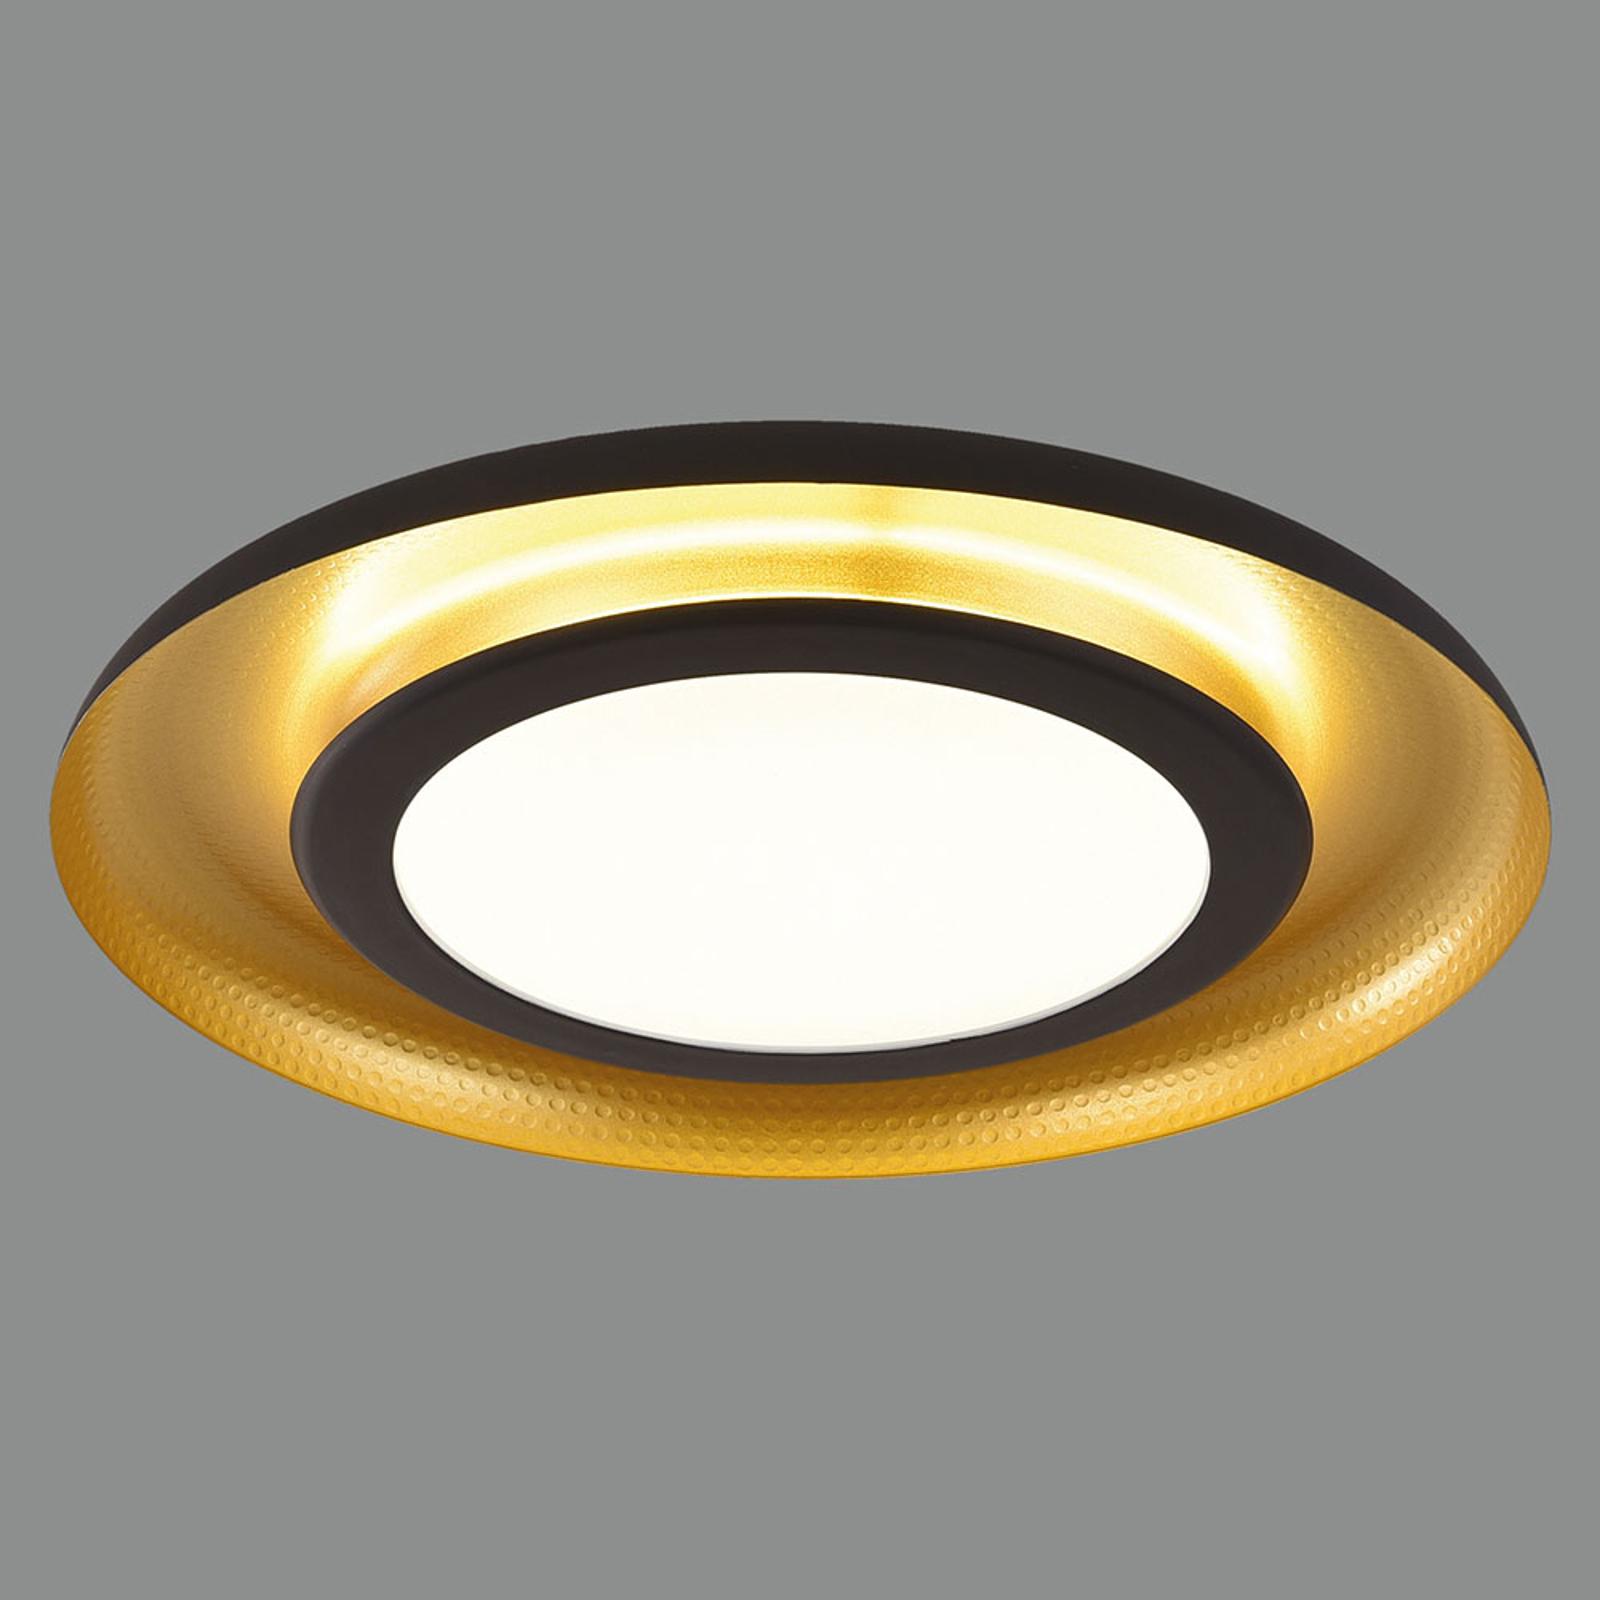 LED-Deckenleuchte Shiitake, schwarz / gold